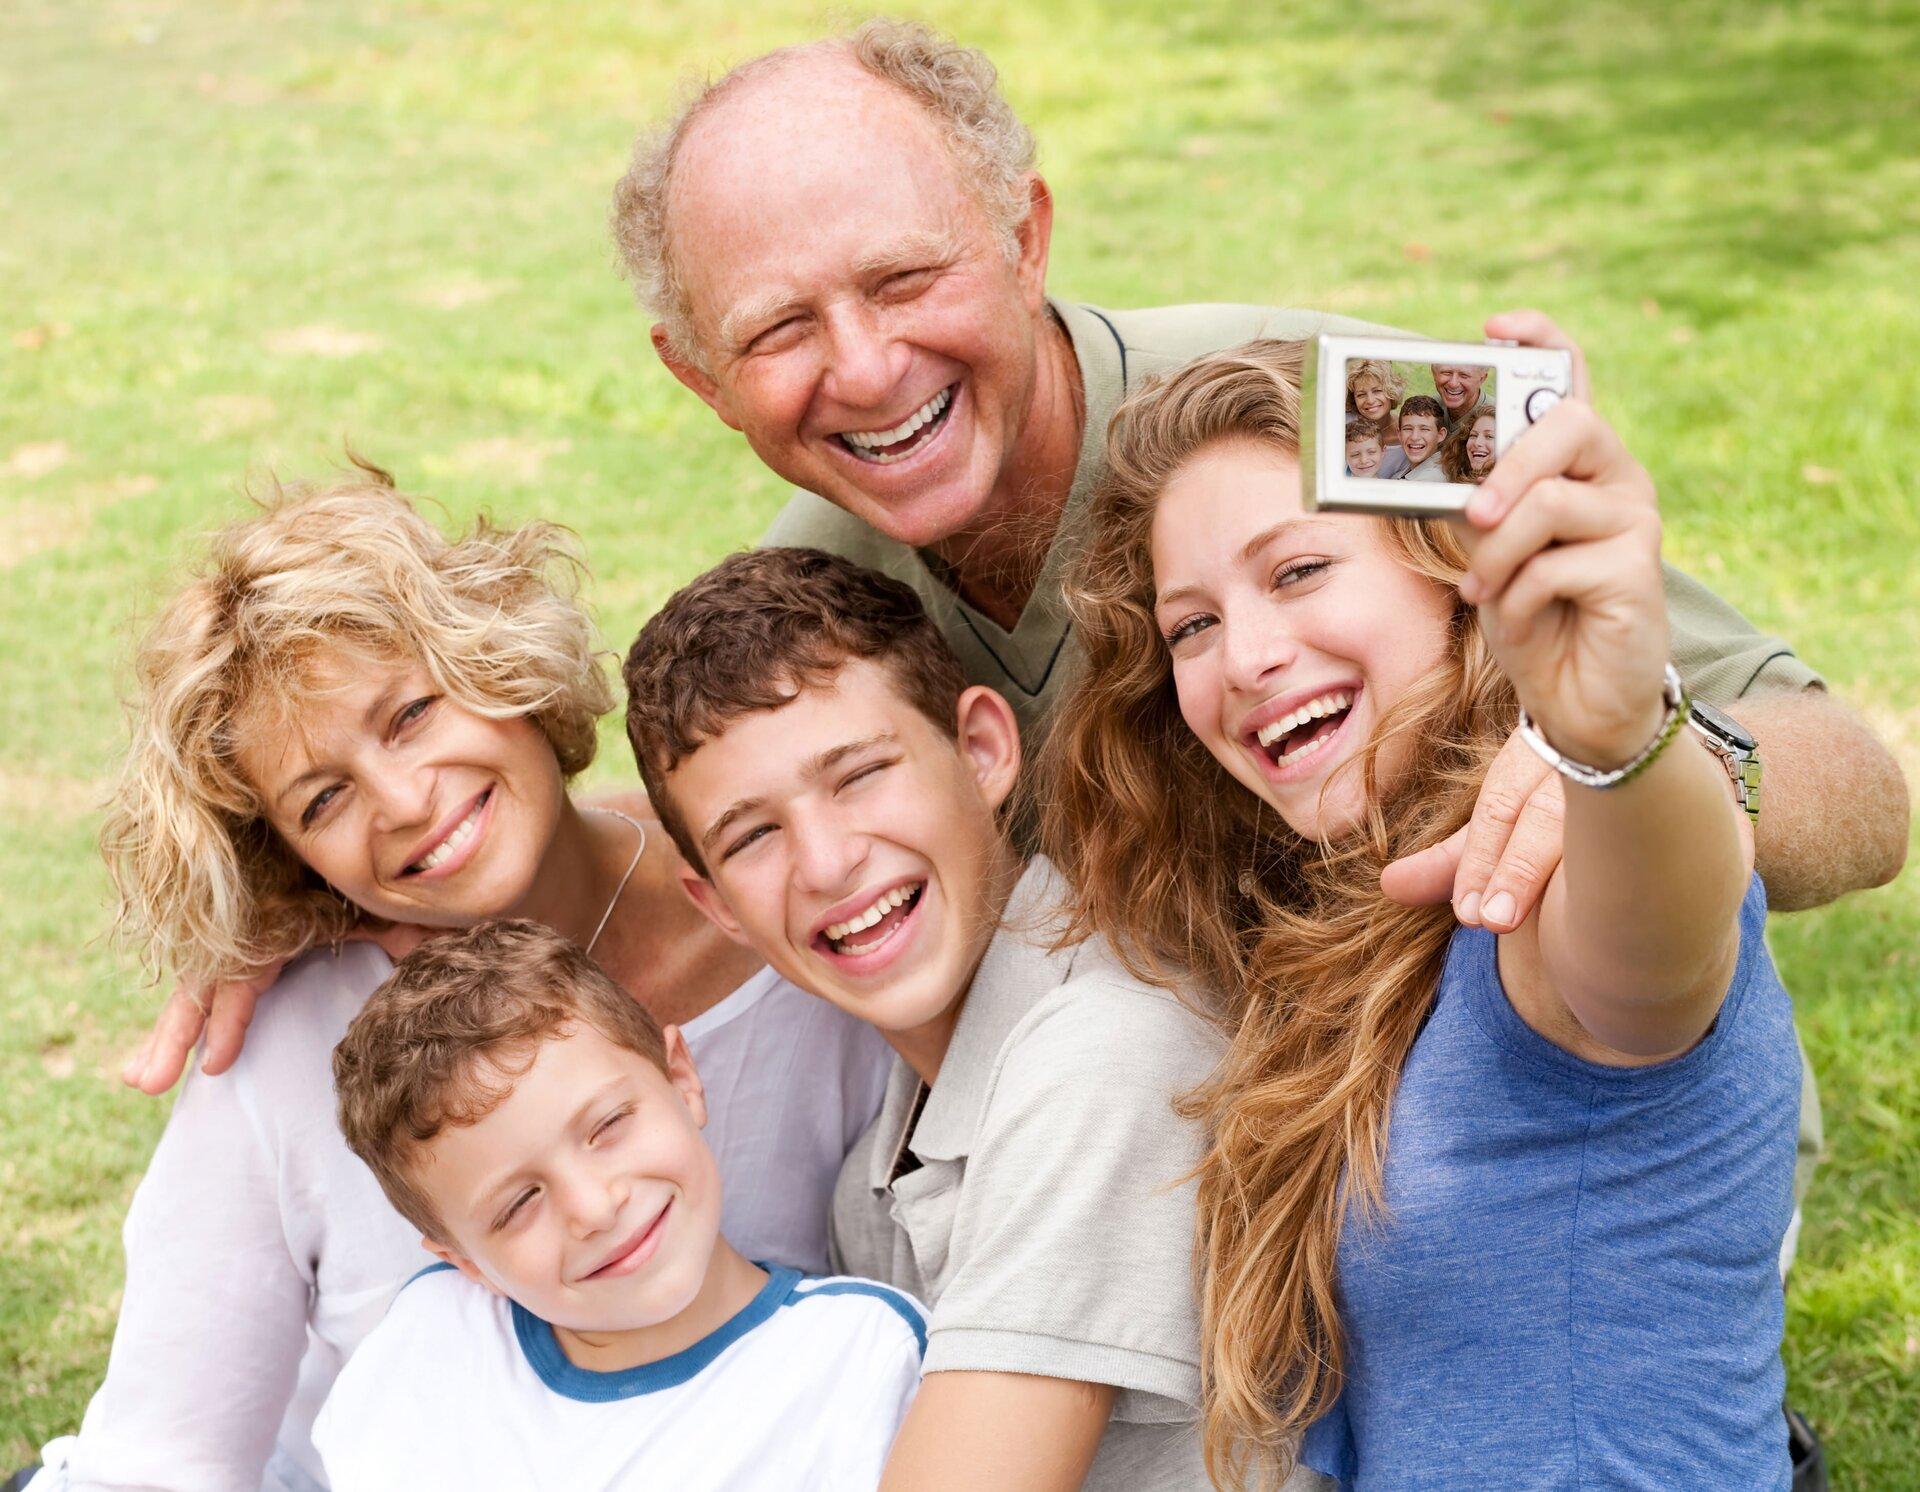 Rodzina Źródło: Imágenes Gratis Online, Rodzina, licencja: CC BY 2.0.